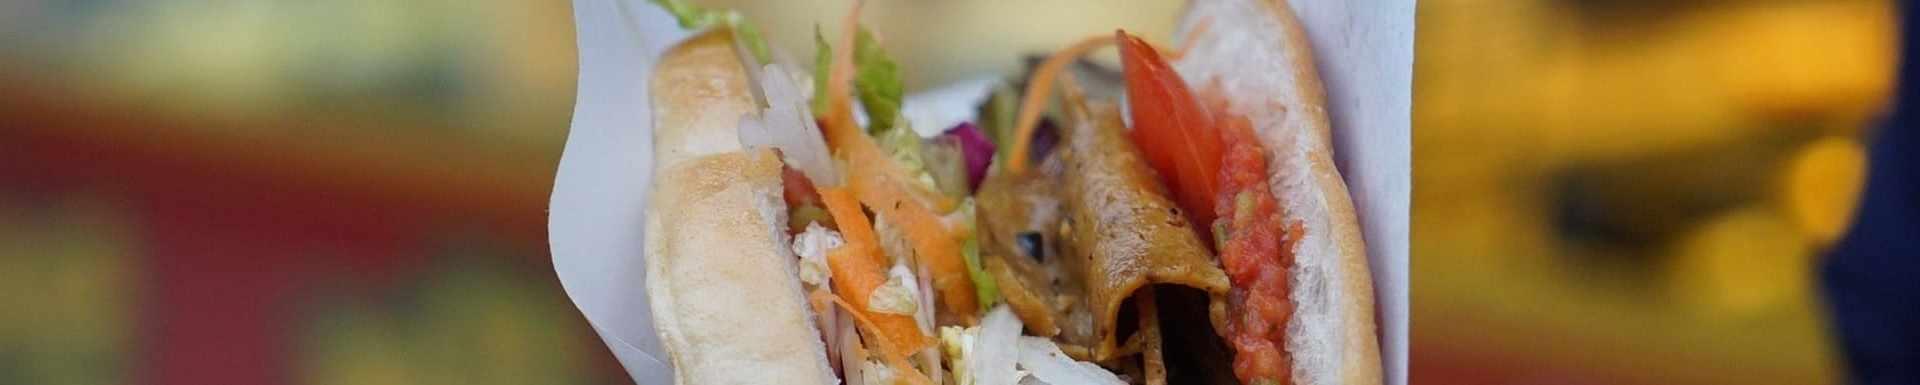 5 mejores restaurantes de kebab en Leganes norte